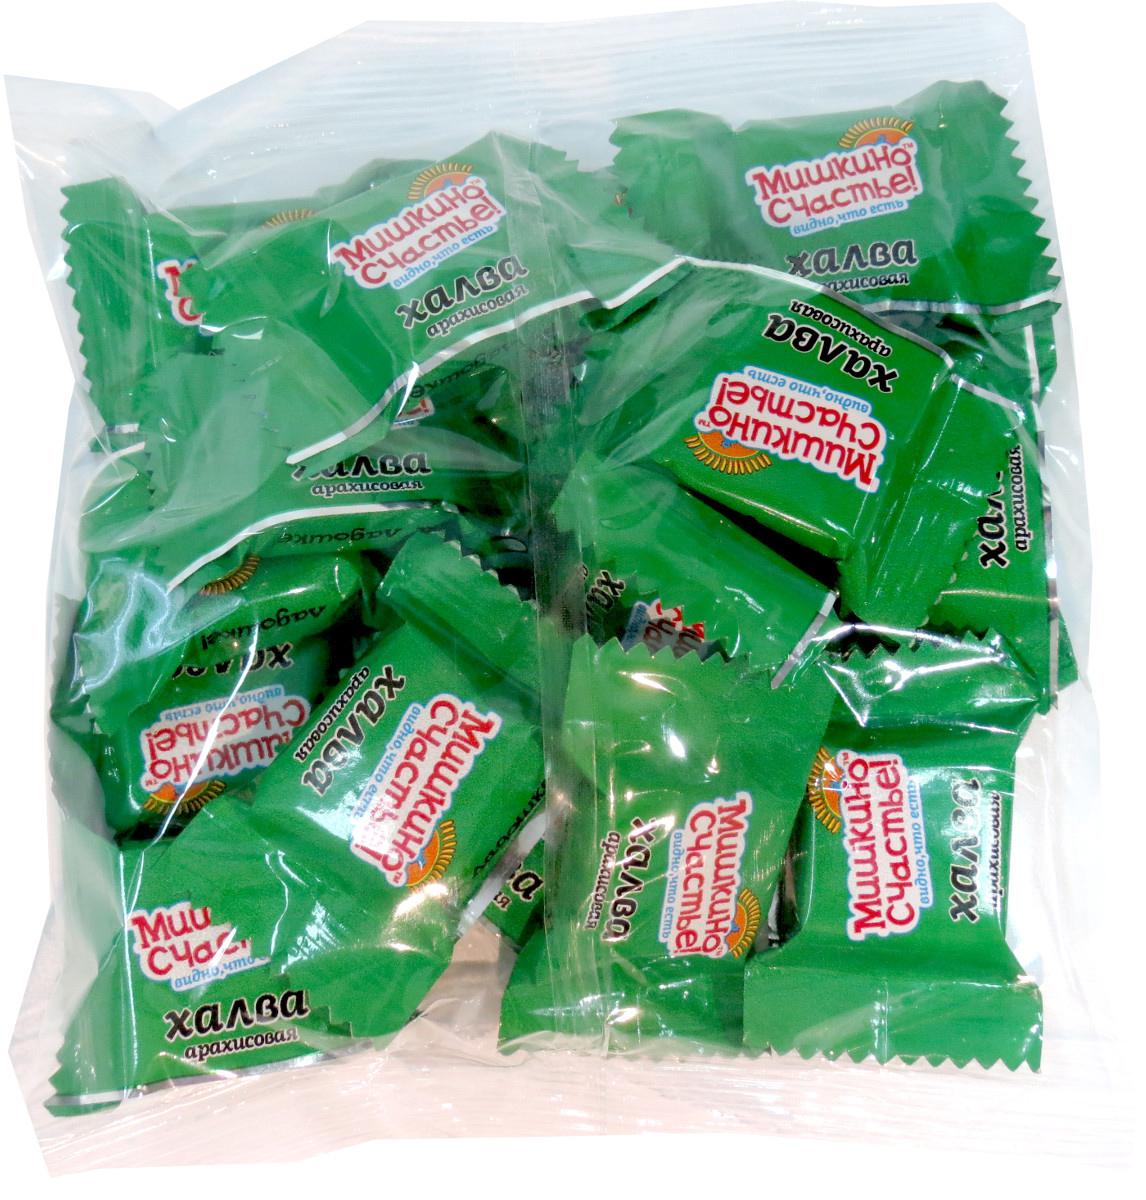 Мишкино счастье конфеты халва арахисовая, 300 гЕА0300МТающая во рту конфета из арахиса. Конфеты в удобной упаковке.